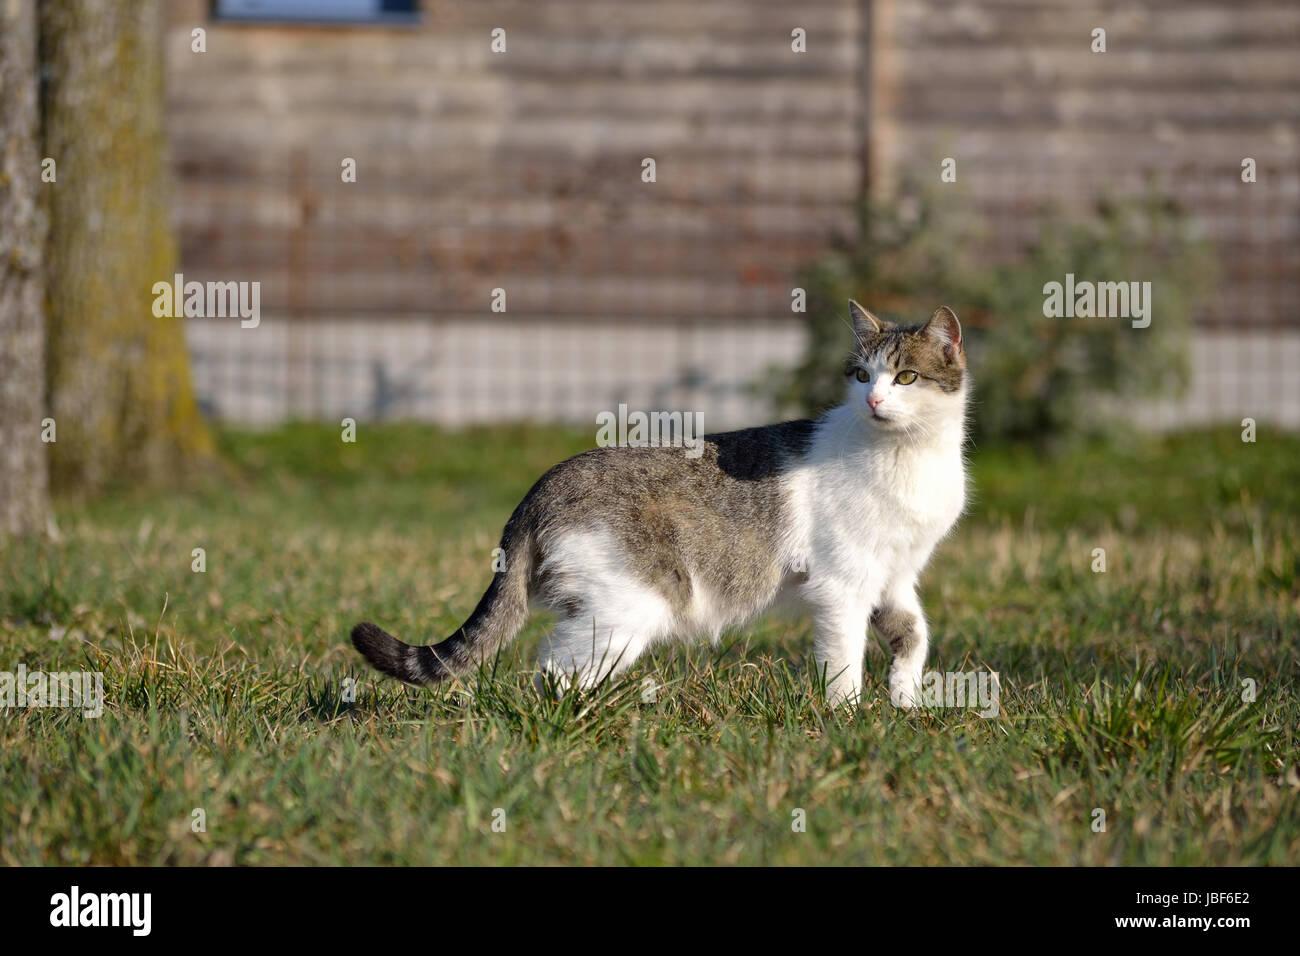 grau-weisse Hauskatze sucht aufmerkam in der Wiese nach Futter Stock Photo